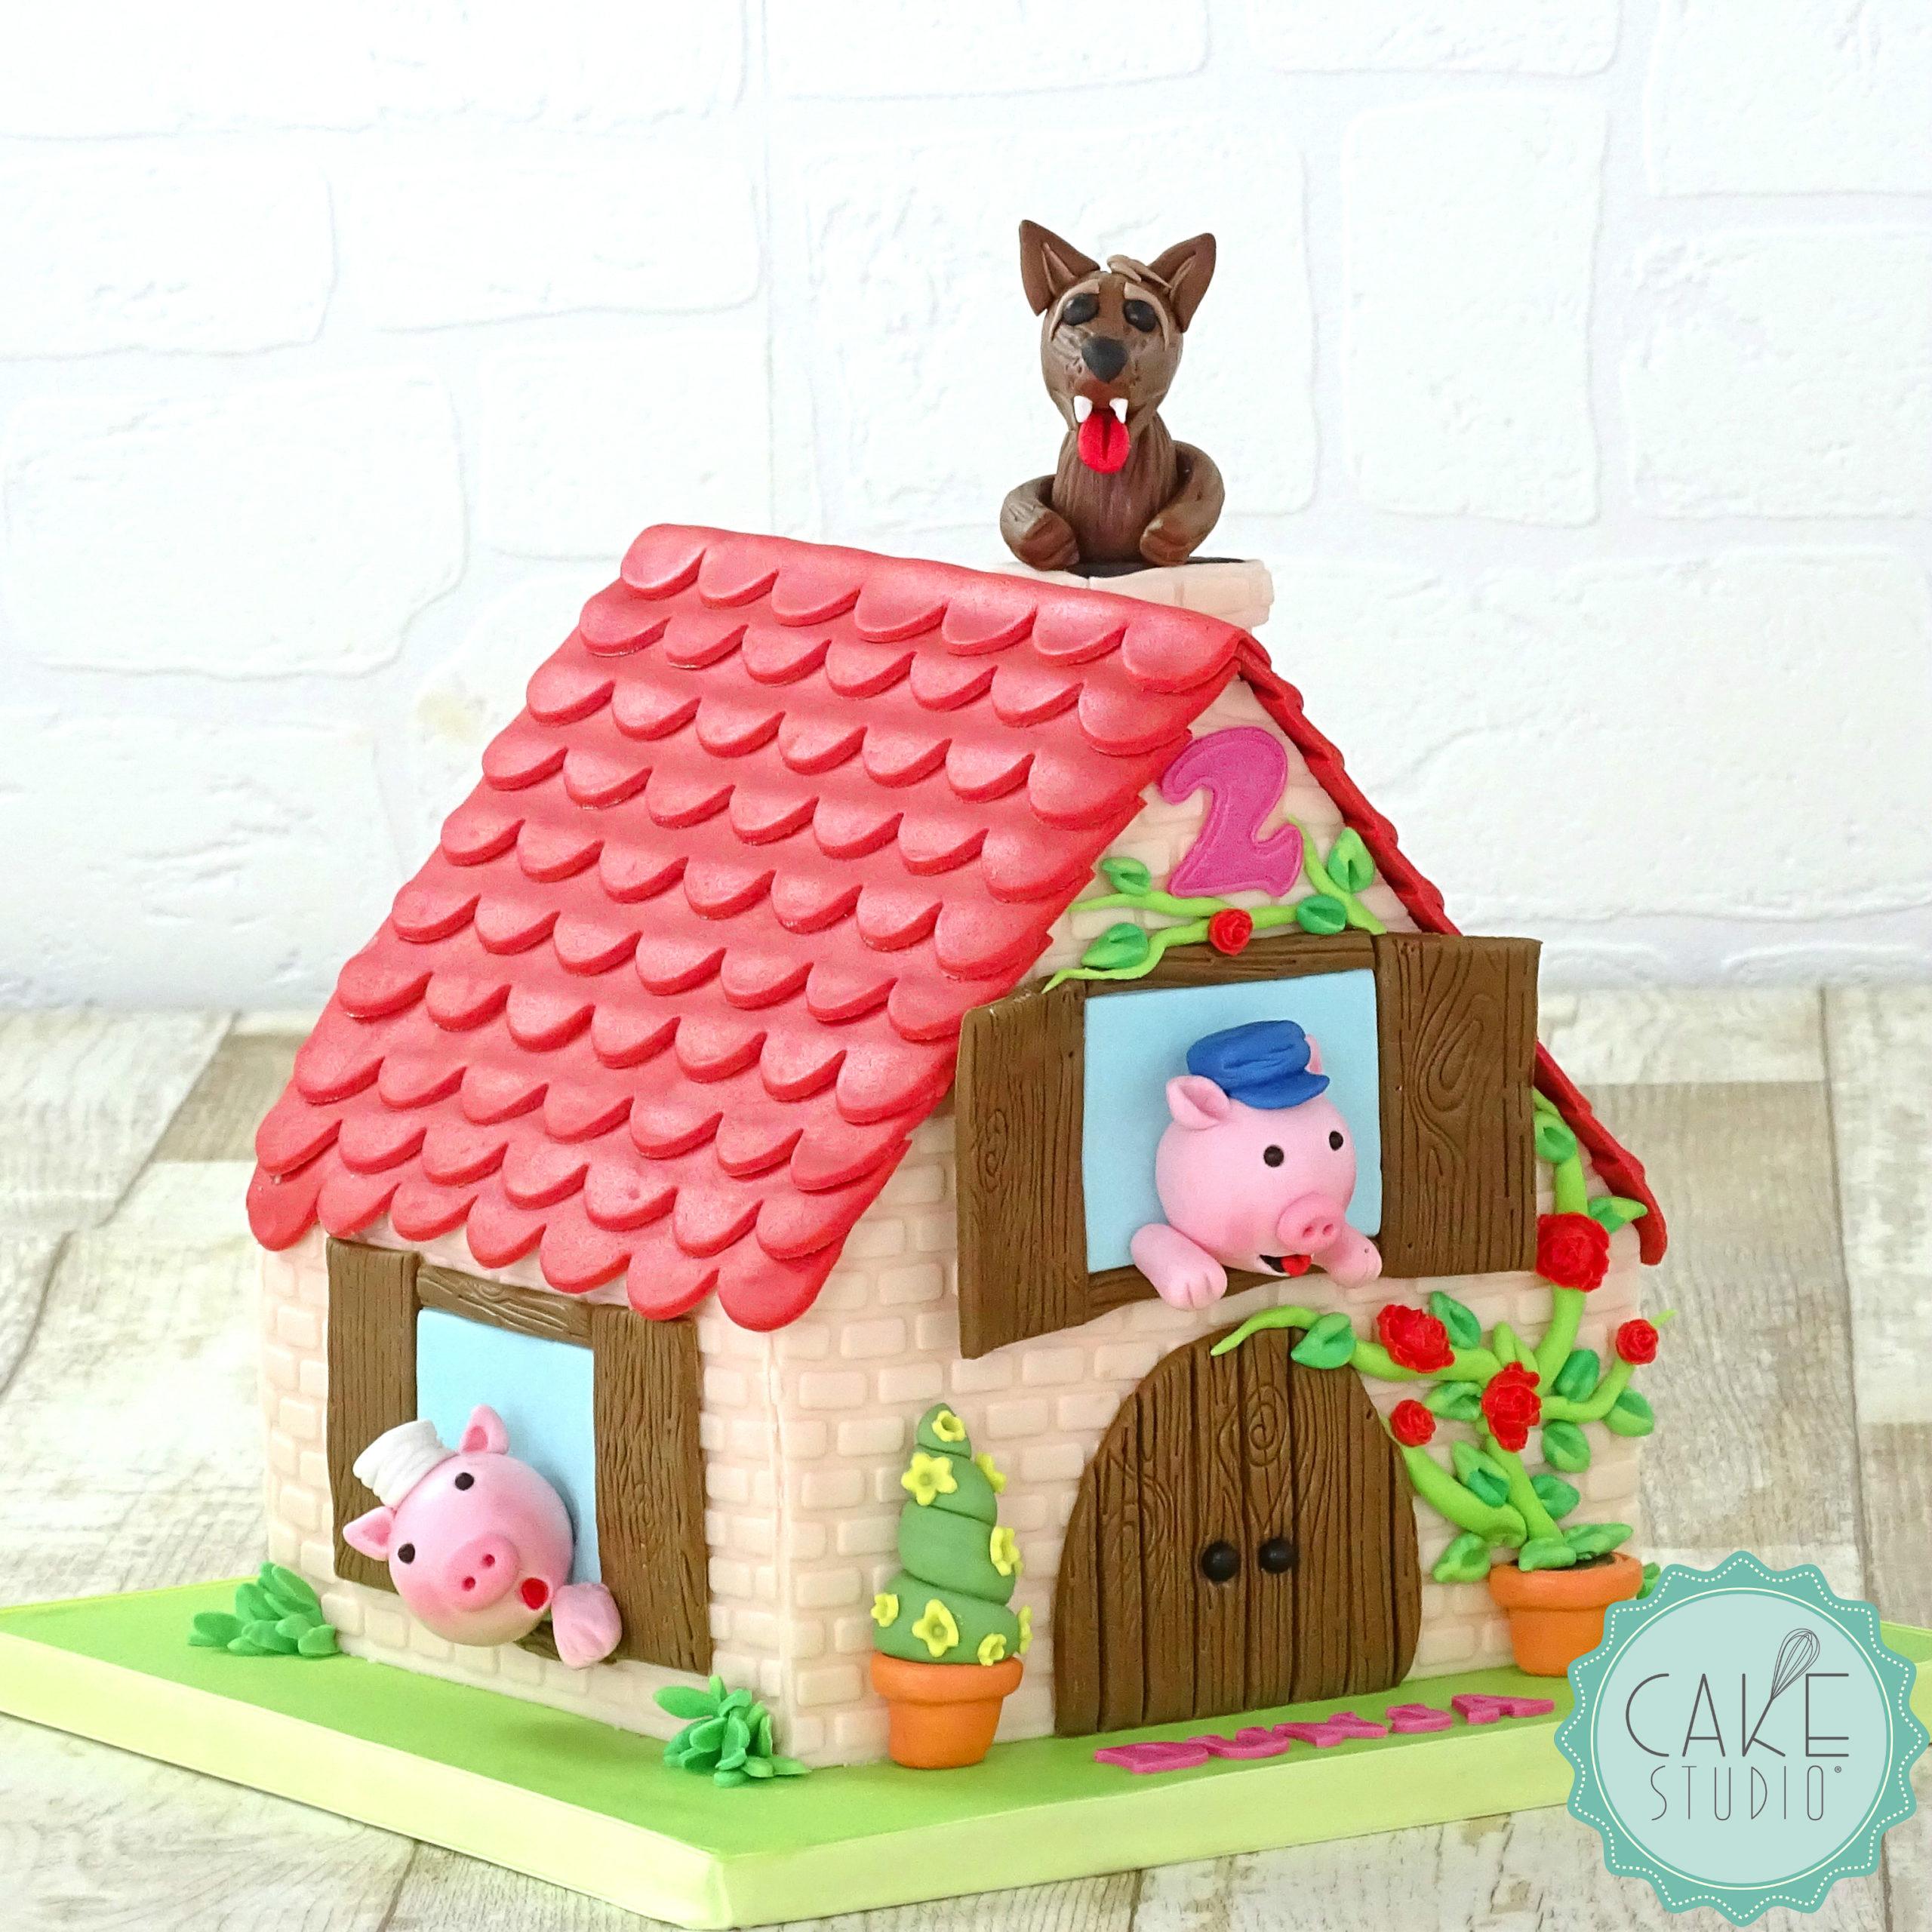 torta a forma di casa dei tre porcellini con lupo